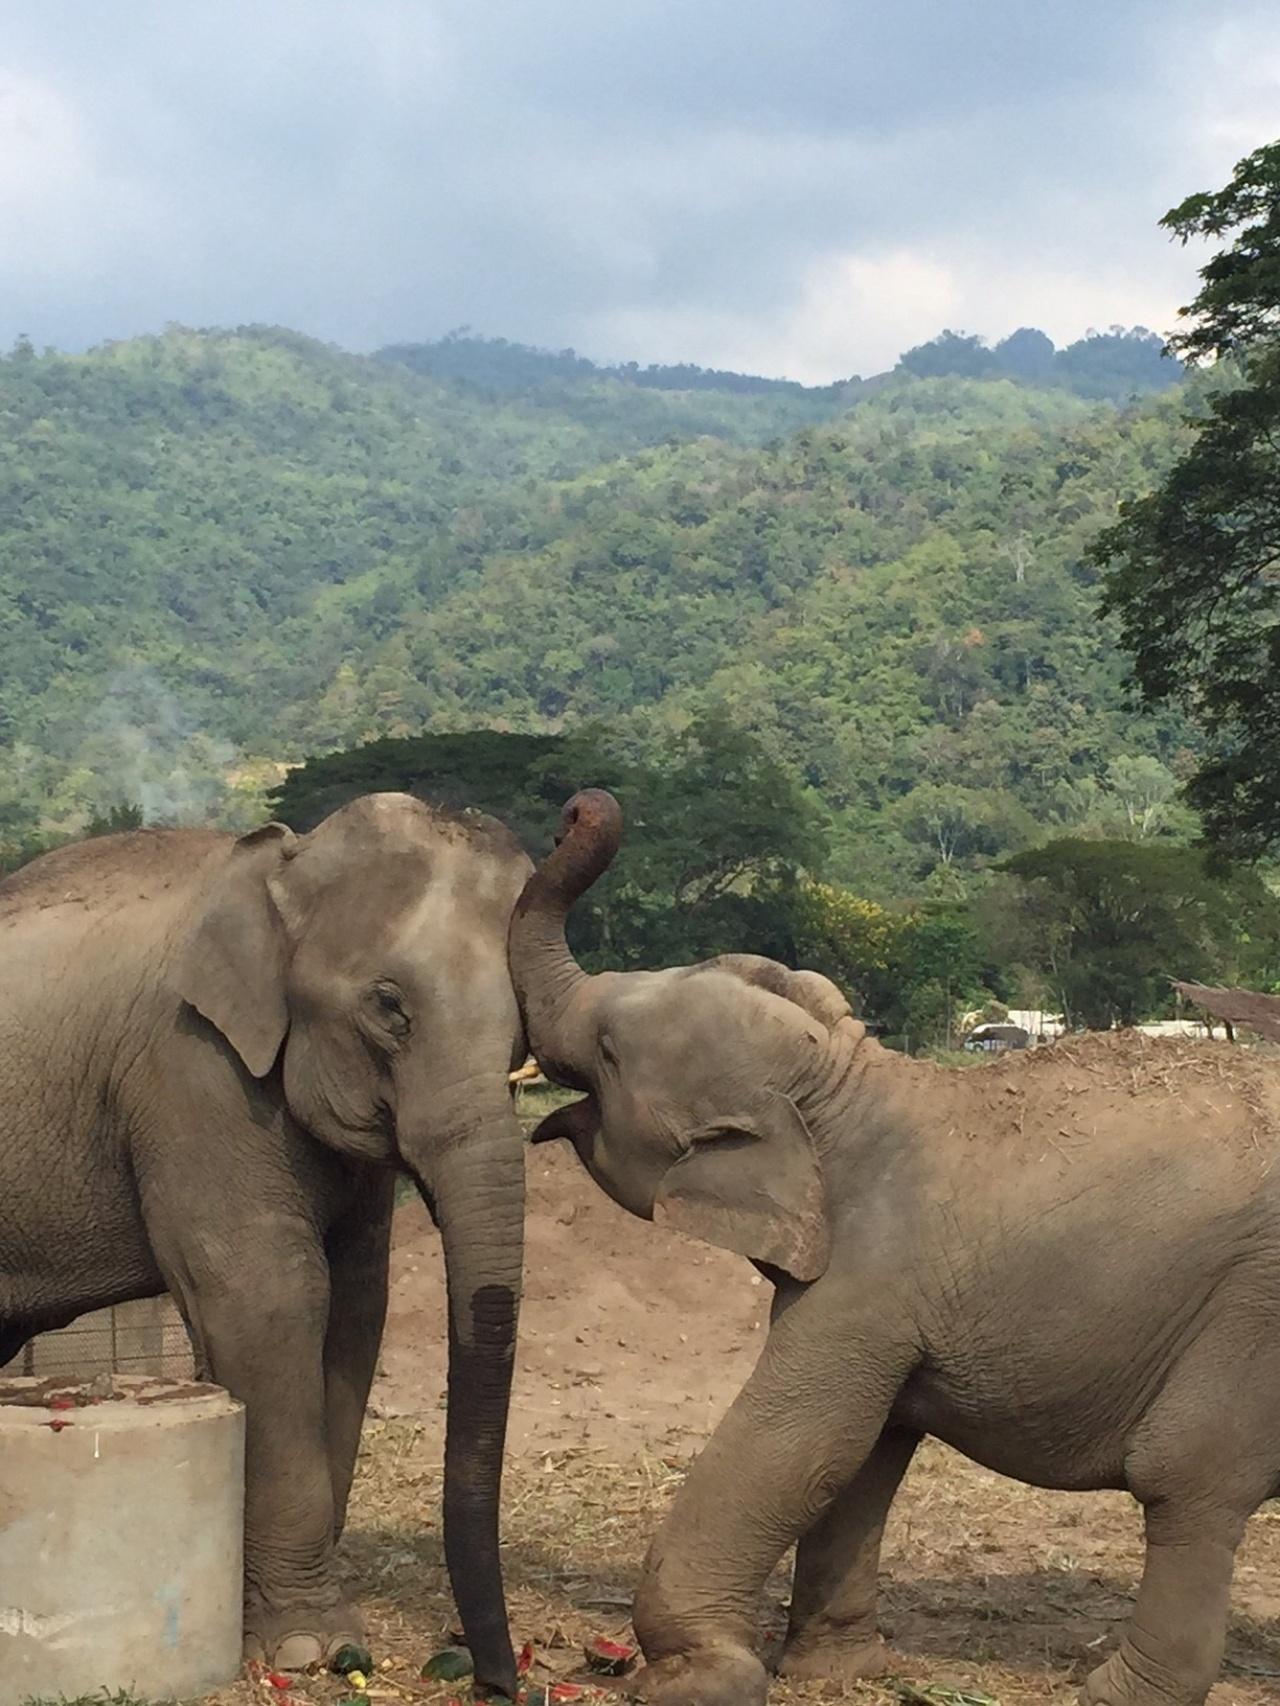 (右)大象的前左腳曾經受重傷,卻沒有得照料,導致永久變形。幸而現在仍能走動。(受訪者提供)